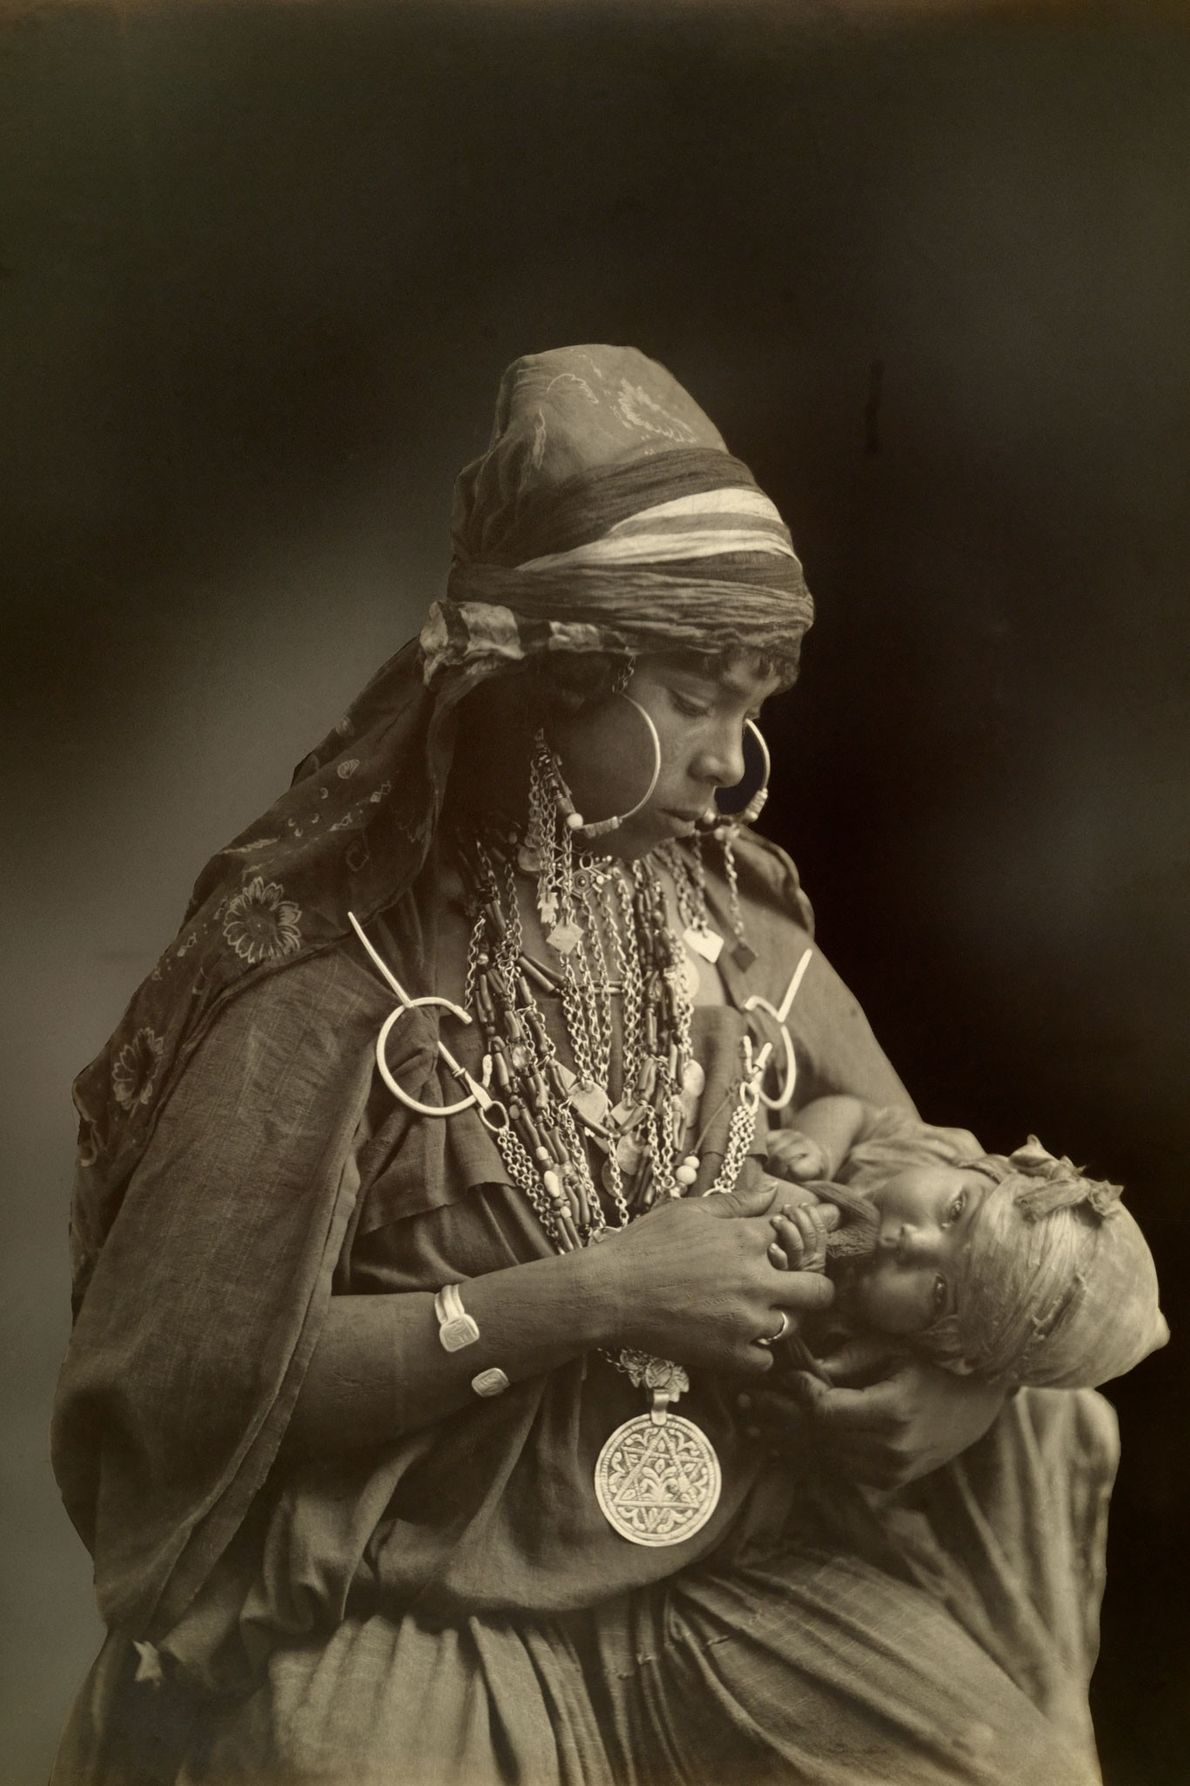 Une mère bédouine, portant de riches bijoux, veille sur son bébé au début des années 1900.